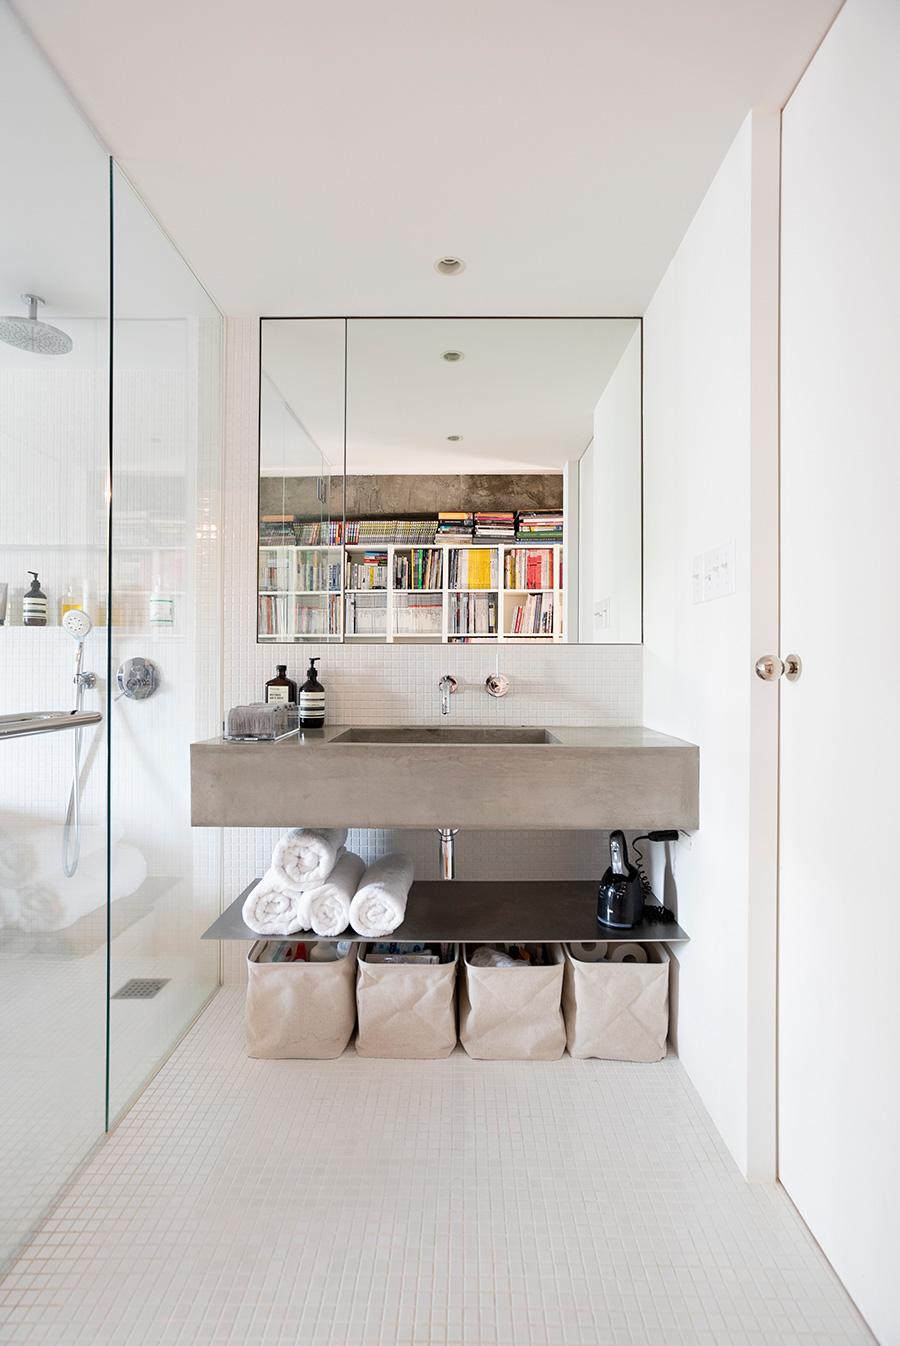 シンクはモルタル仕上げ。吊り棚などは設けないことで日常感をカバー。鏡の左端だけに隠れた収納あり。